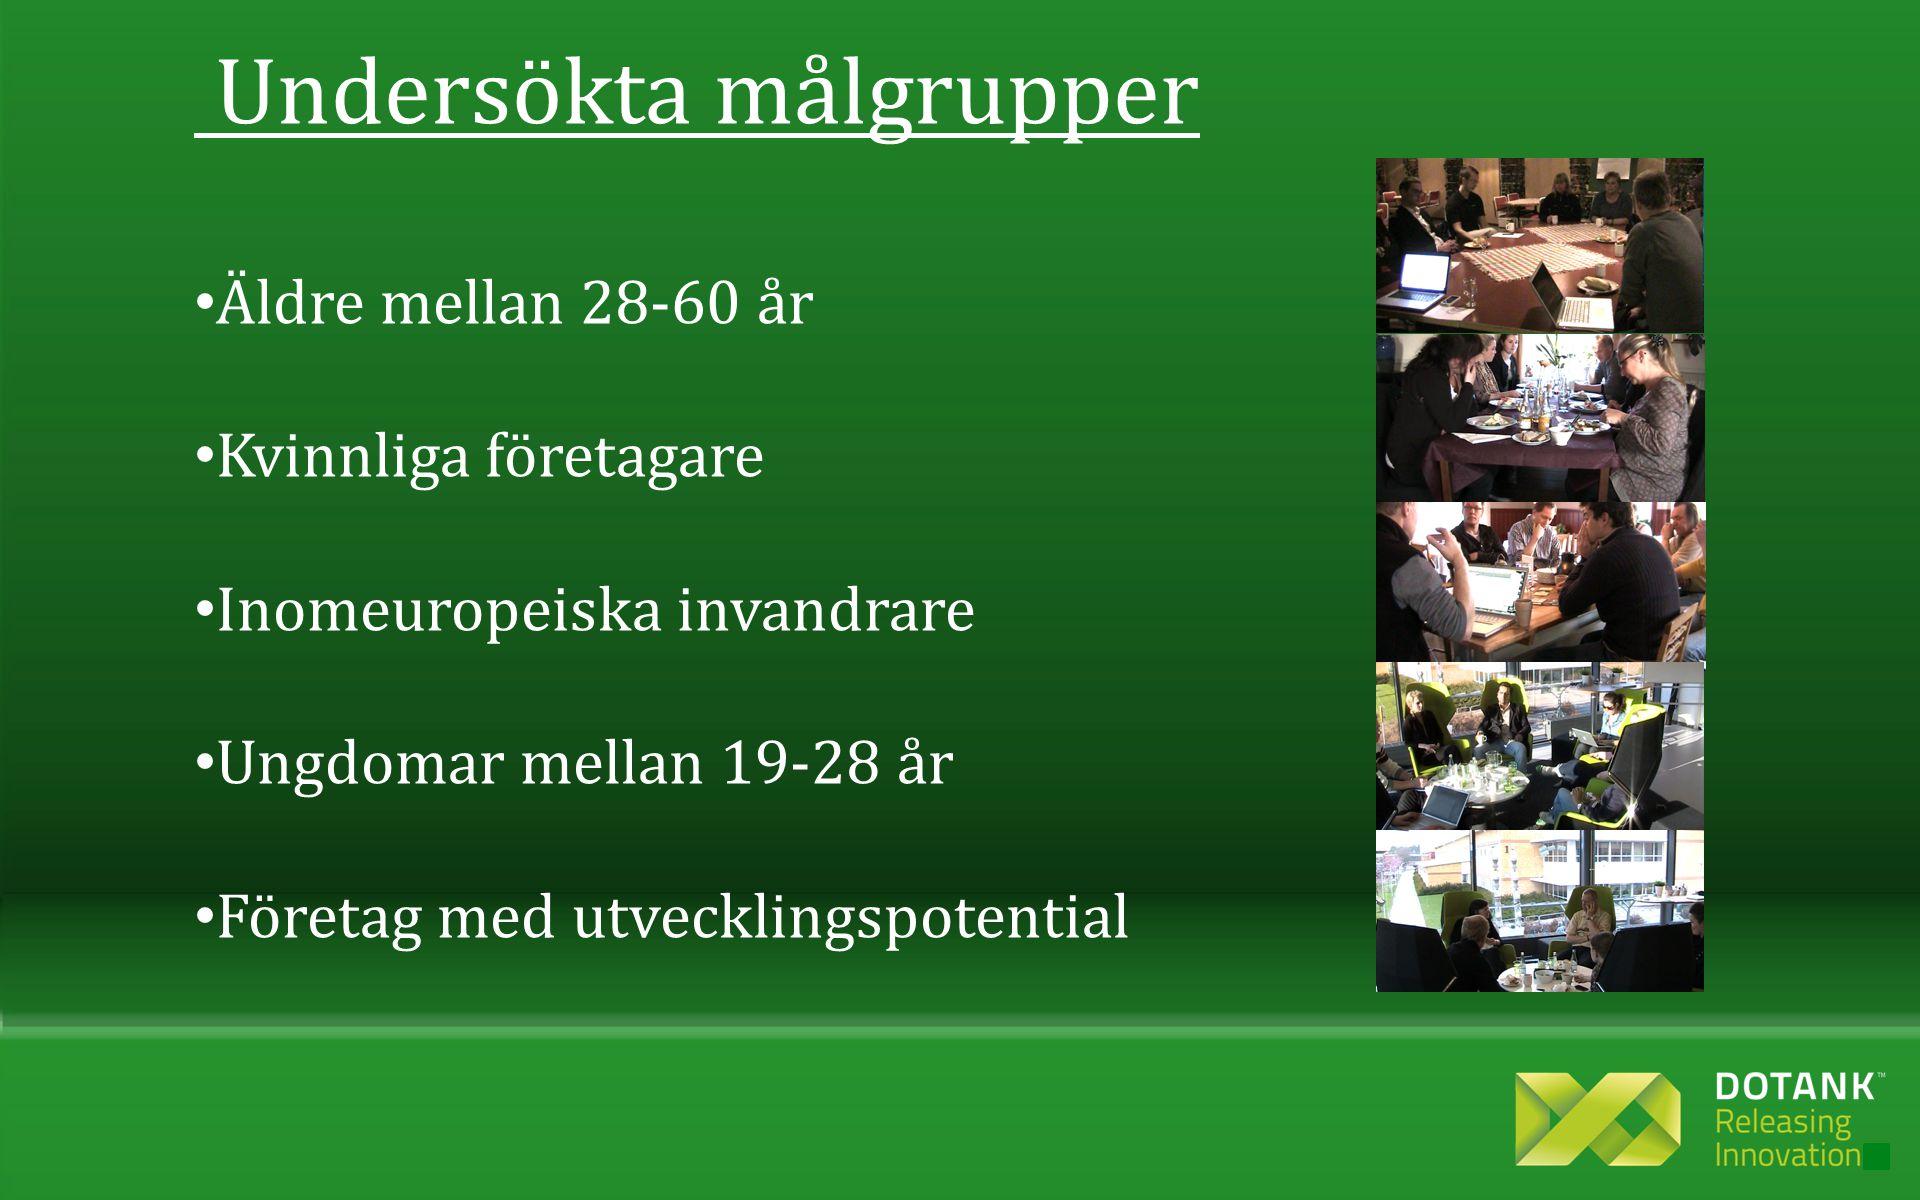 Undersökta målgrupper • Äldre mellan 28-60 år • Kvinnliga företagare • Inomeuropeiska invandrare • Ungdomar mellan 19-28 år • Företag med utvecklingspotential